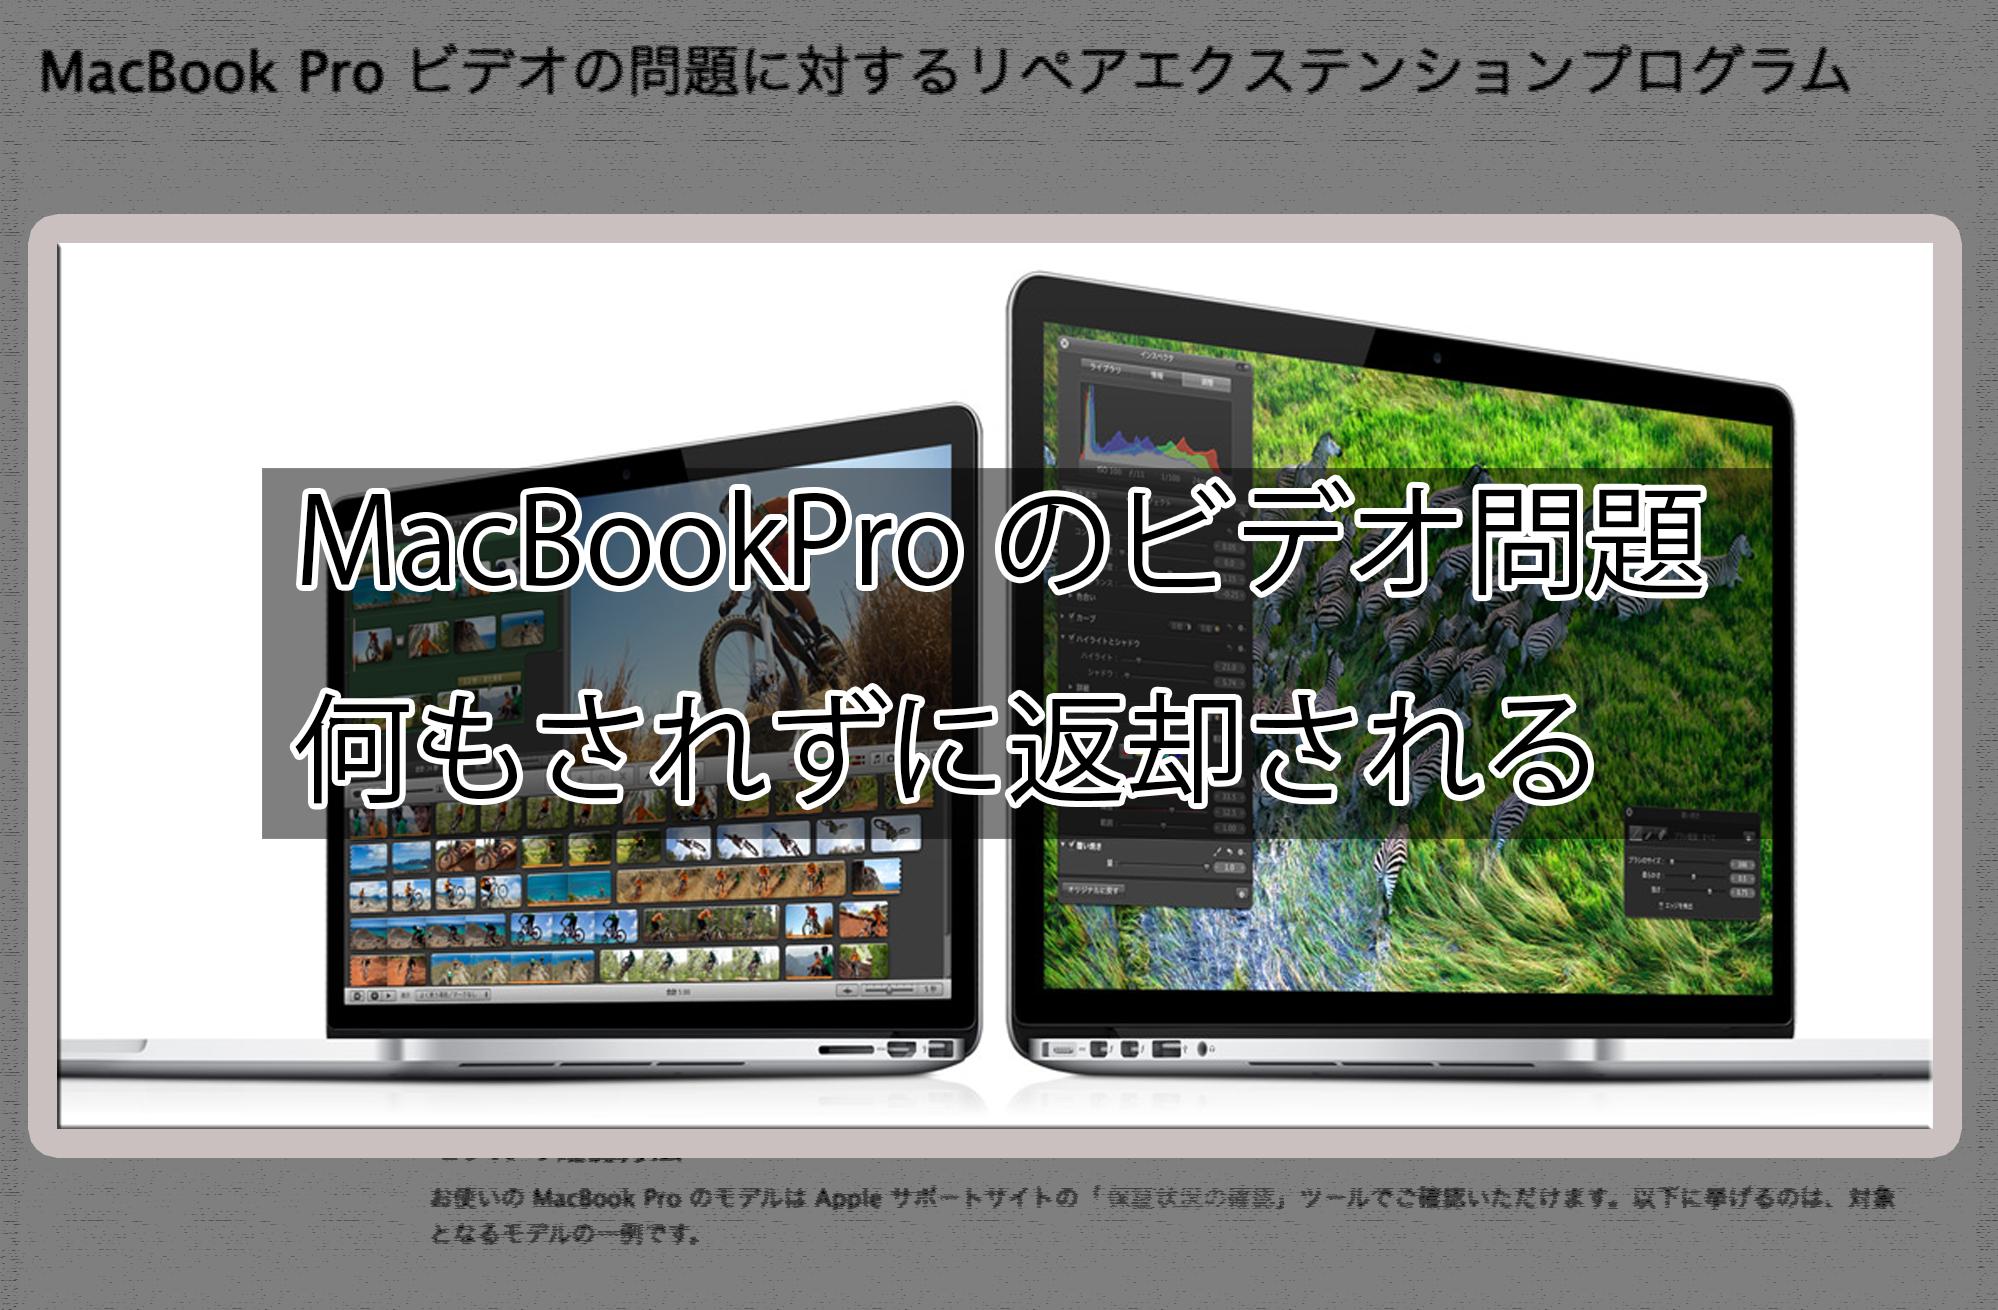 MacBookProビデオ問題、何もされずに返却される